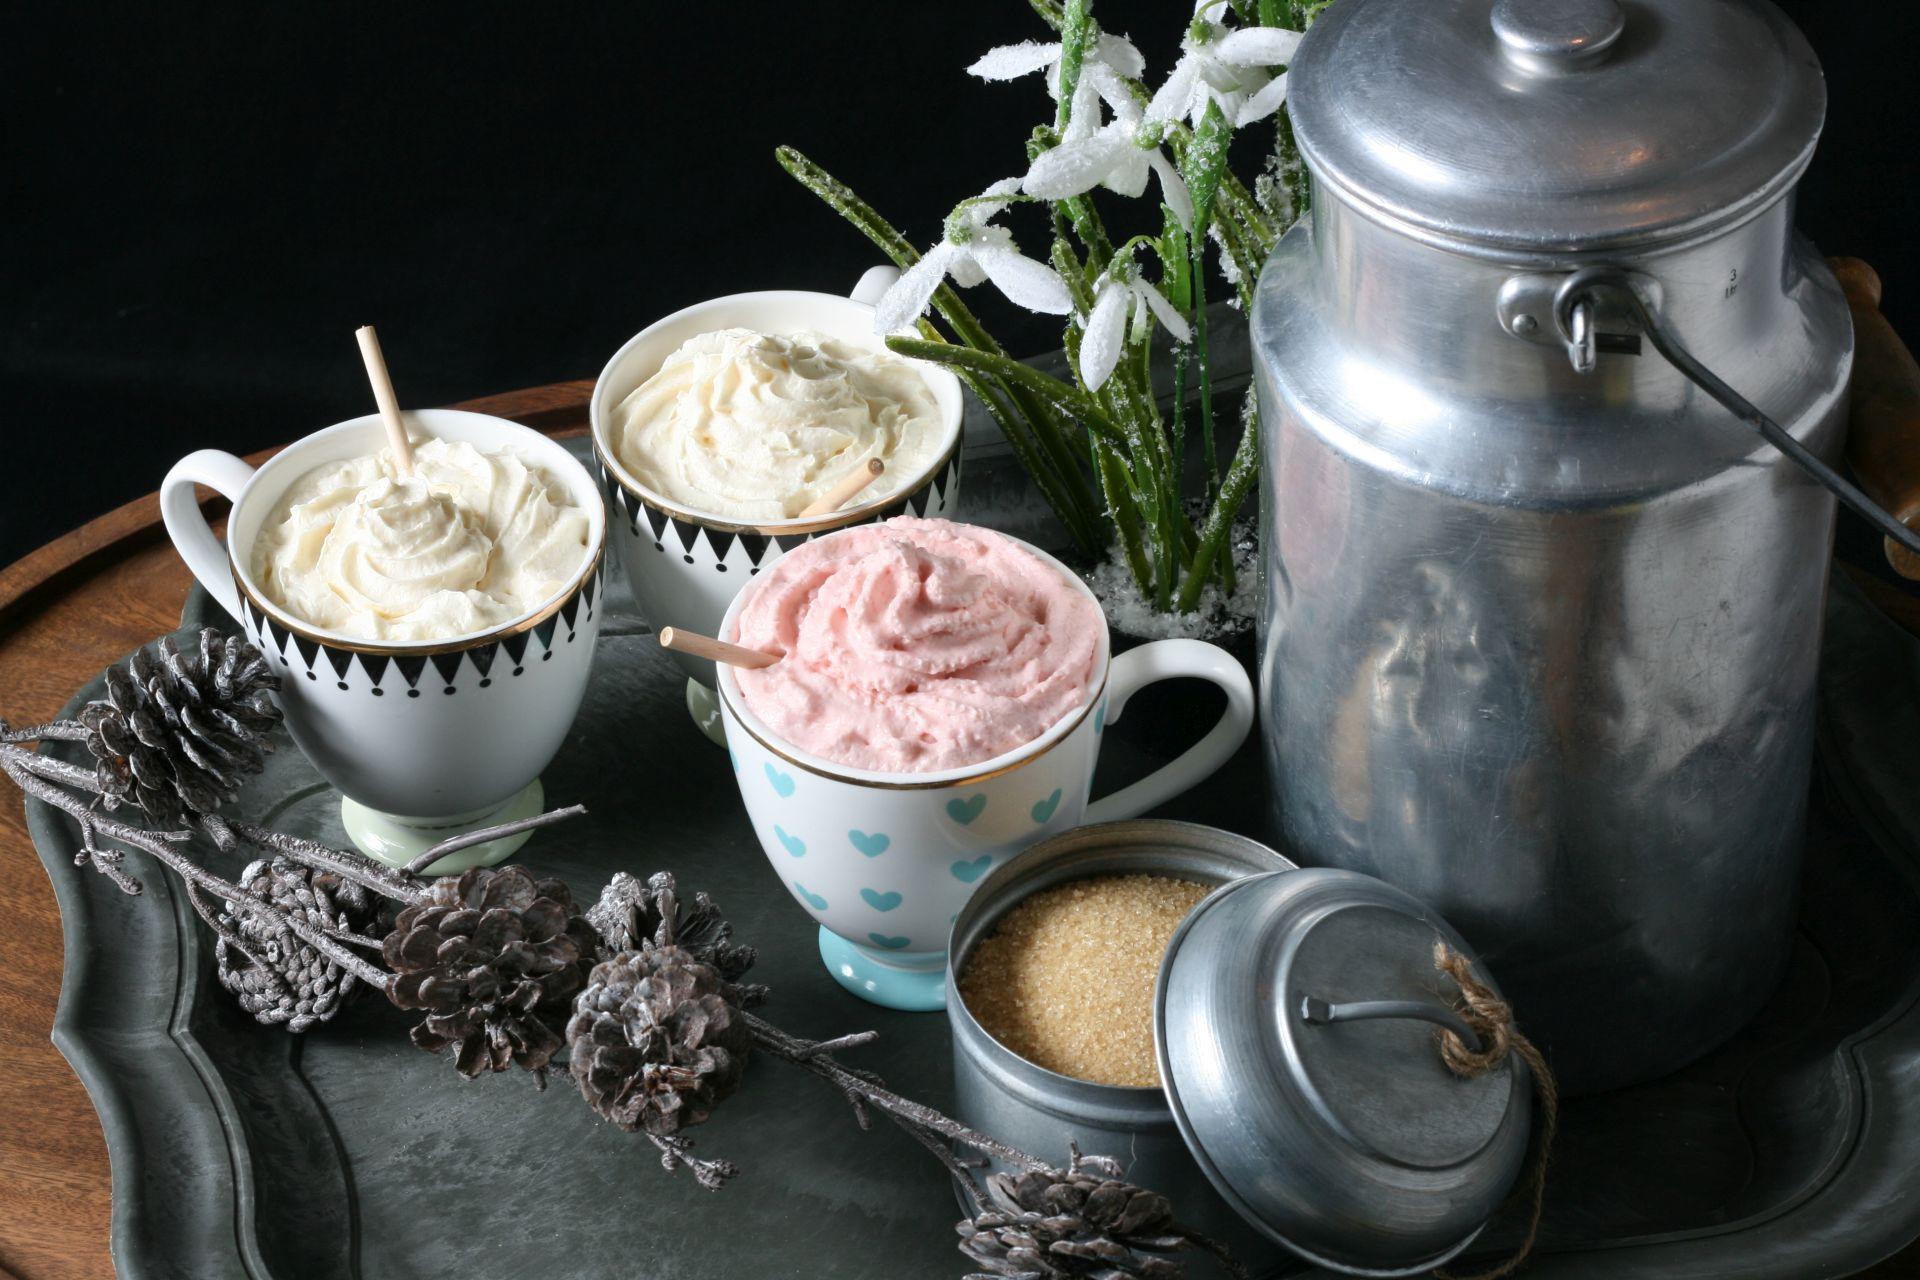 heiße Schokolade, Orange, Ingwer, Zartbitter Schokolade, weiße Schokolade, Kardamom, Sahne, Kaffee, Trinkschoki, Geschenke aus der Küche